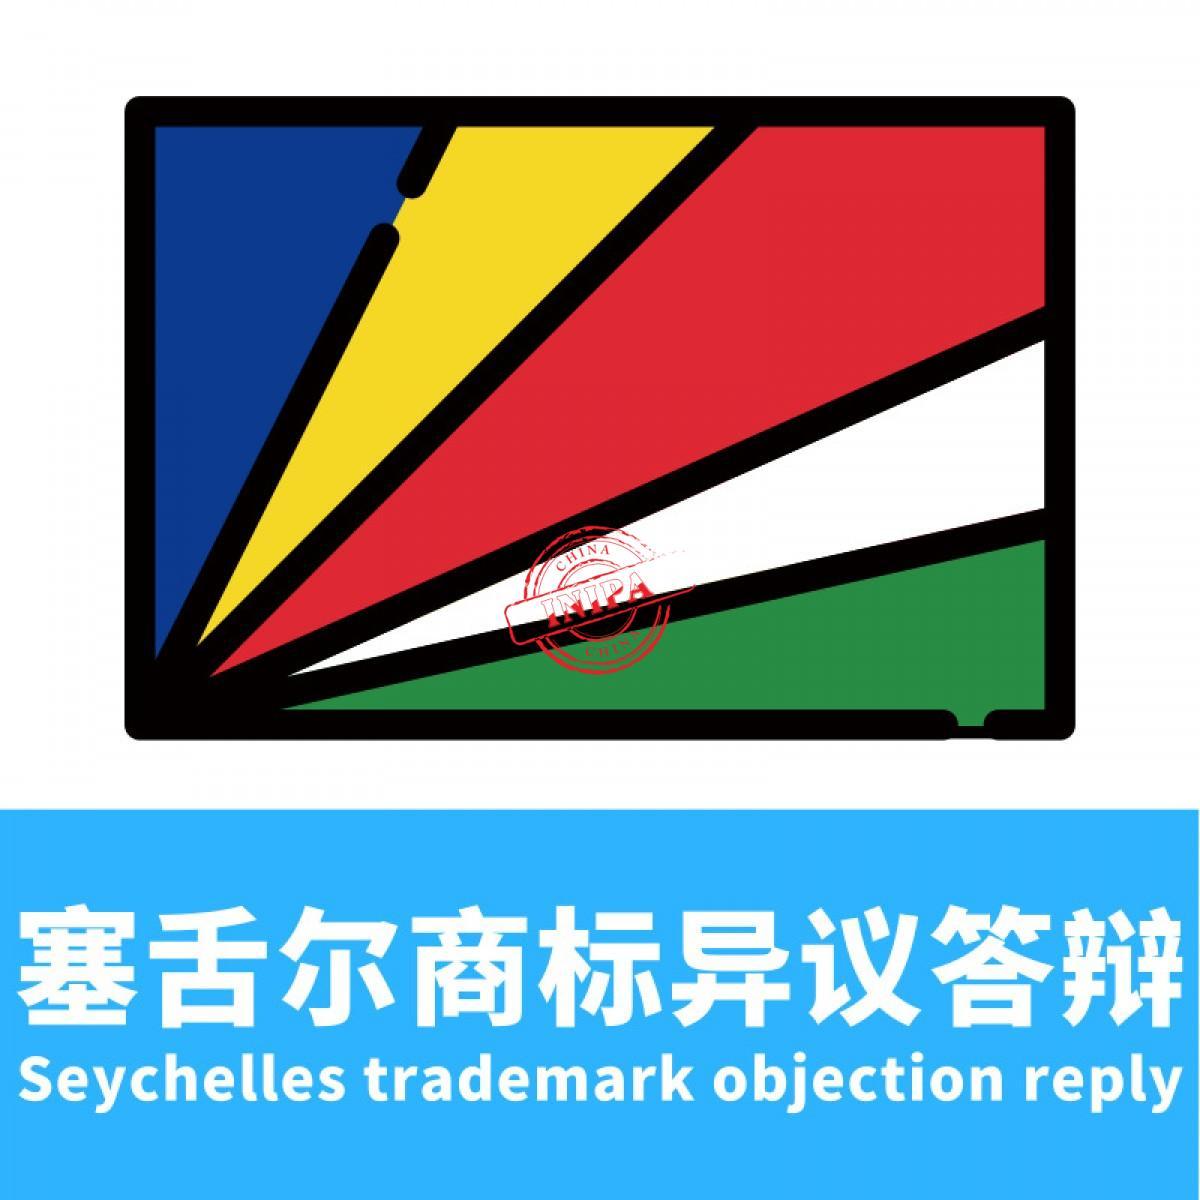 塞舌尔商标异议答辩/Seychelles trademark objection reply